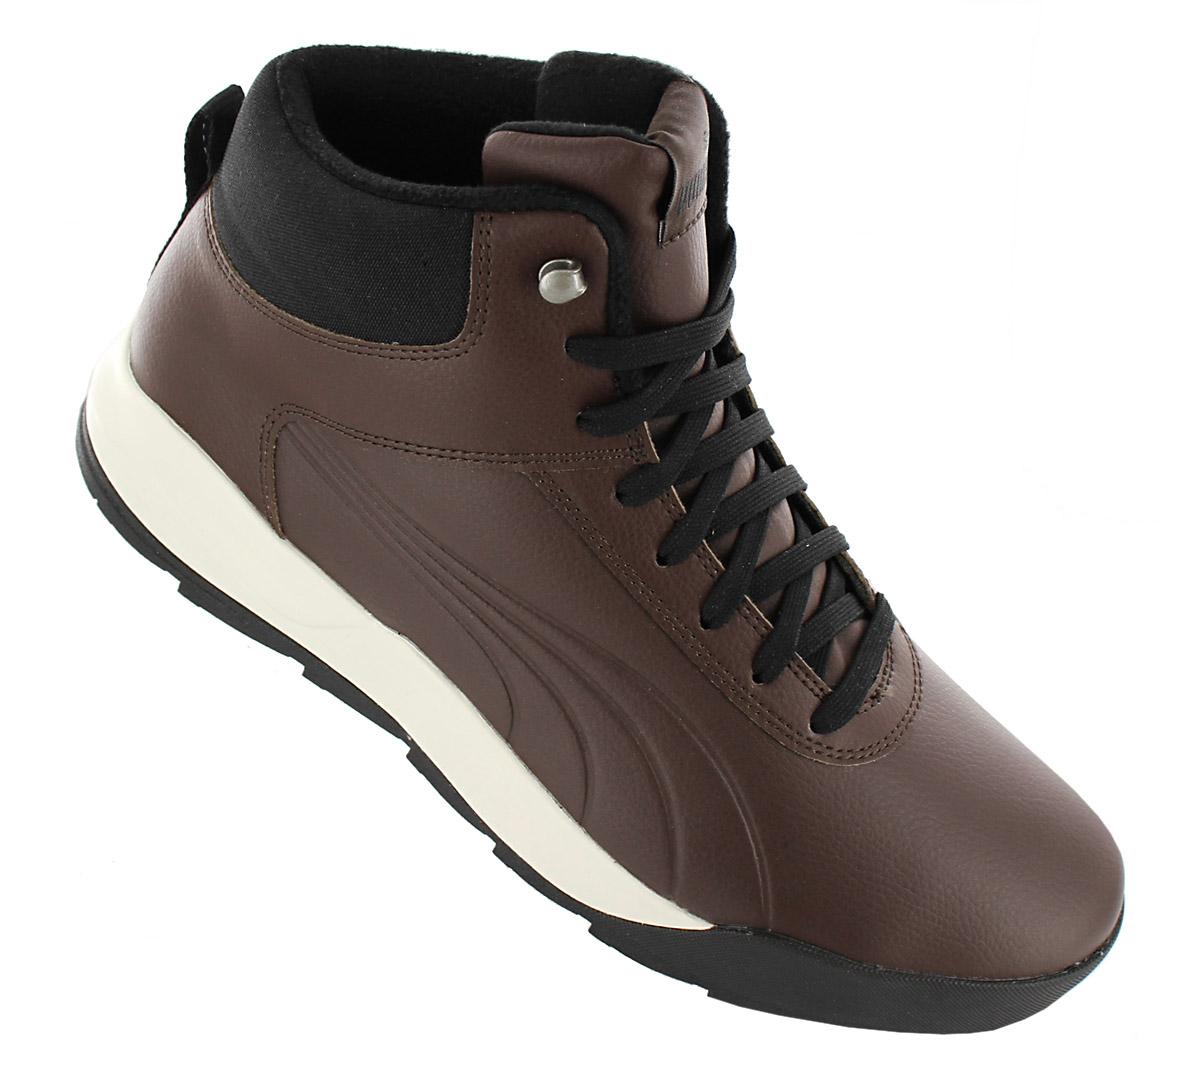 430a1f60f4df Puma Desierto Trainers L Men Winter Shoes Boots Winter Shoes 362065 ...